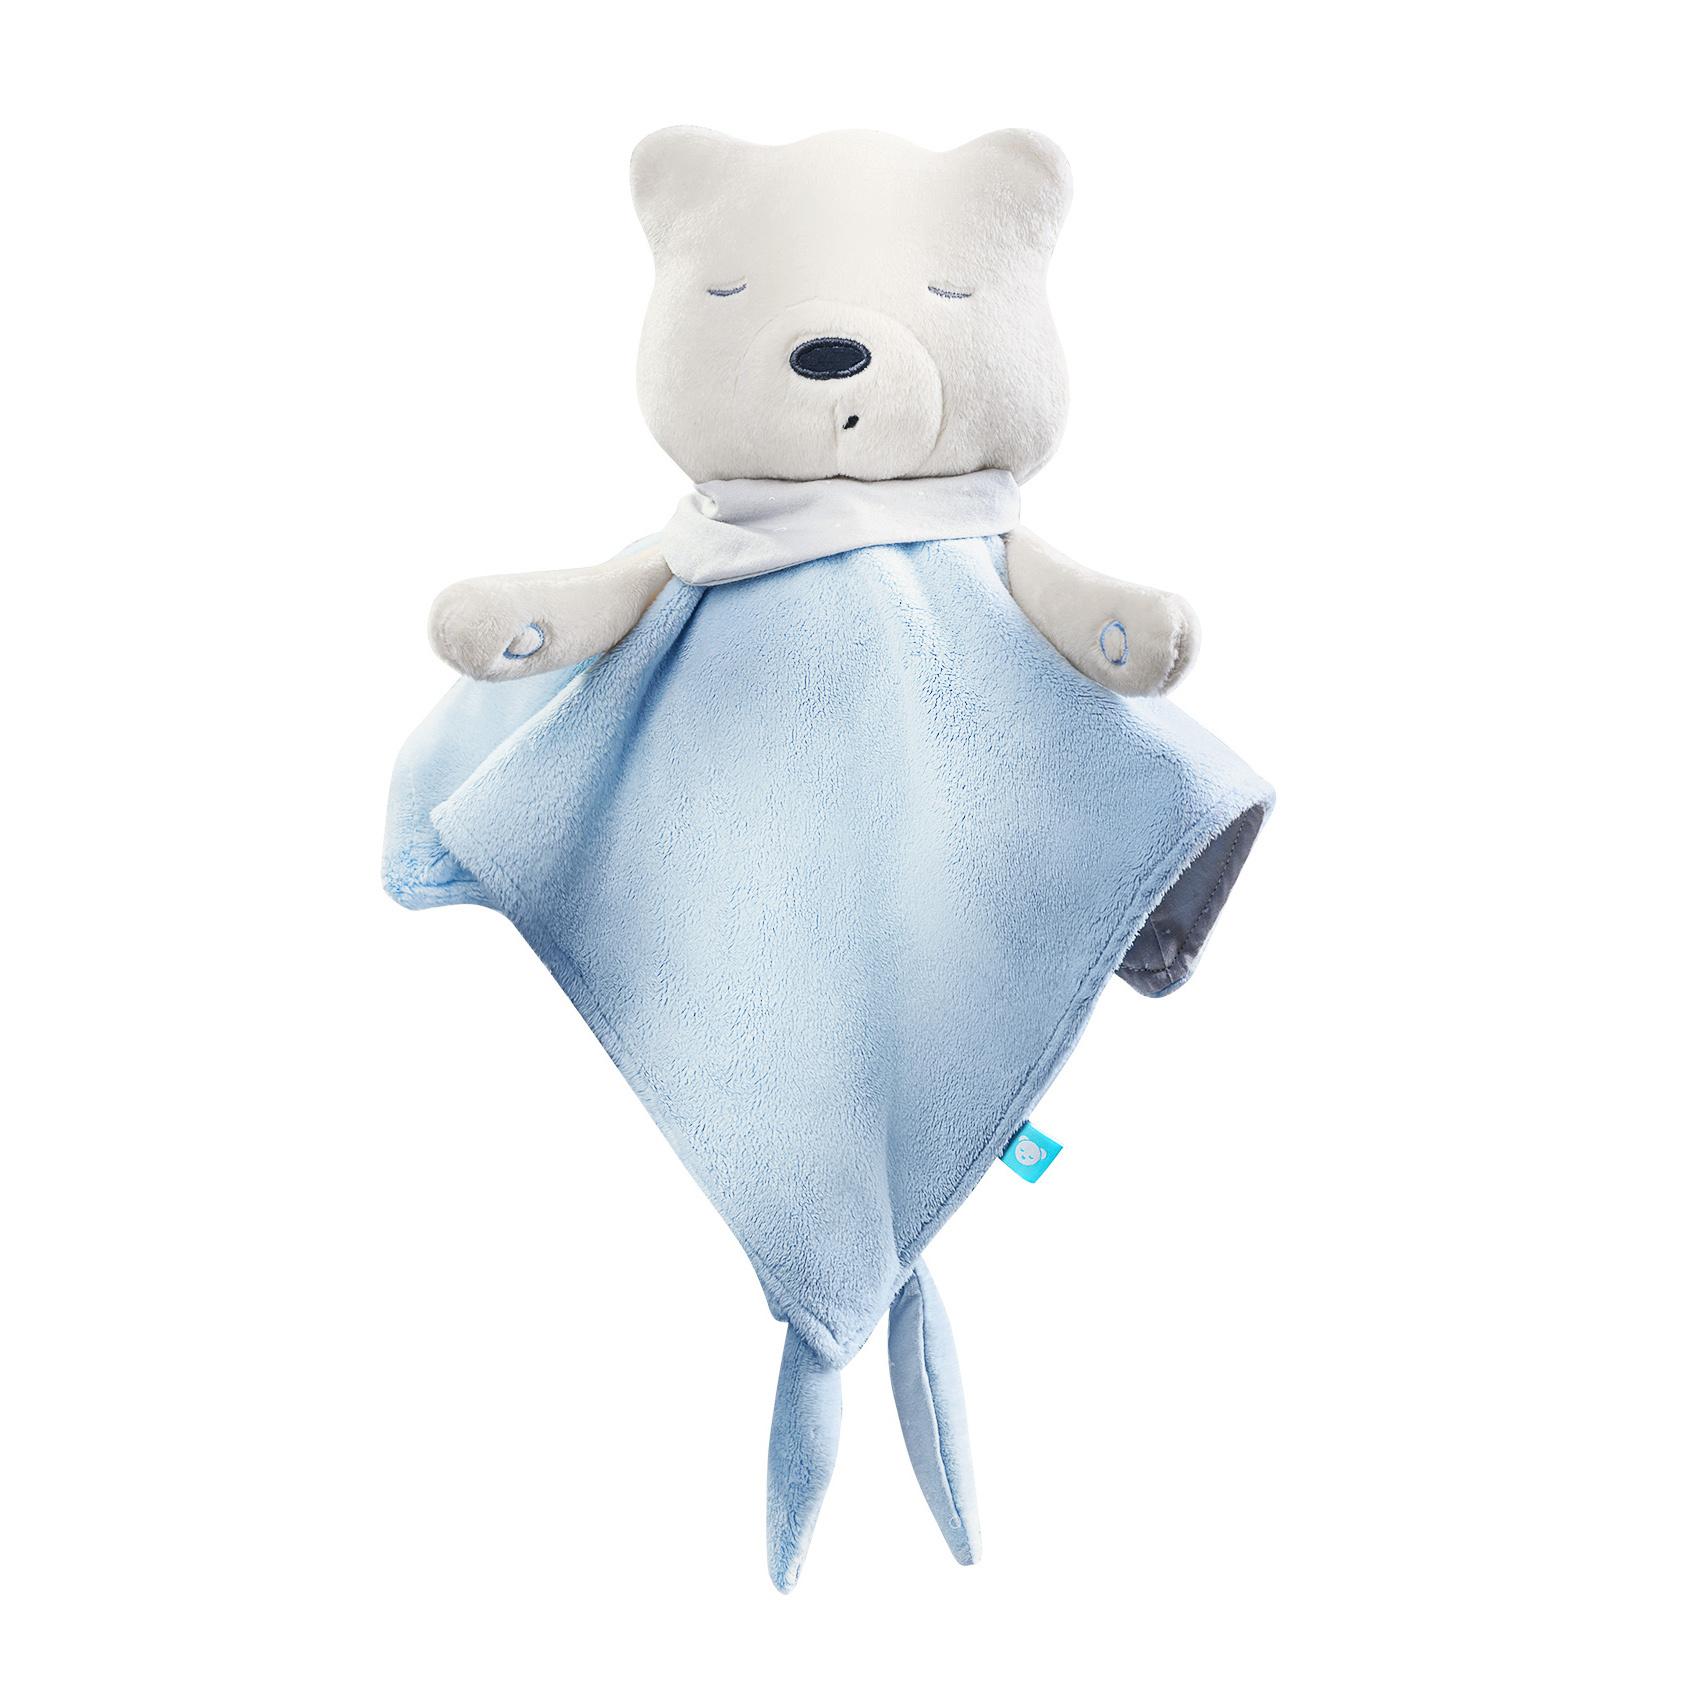 myHummy Doudou - Blue Basic